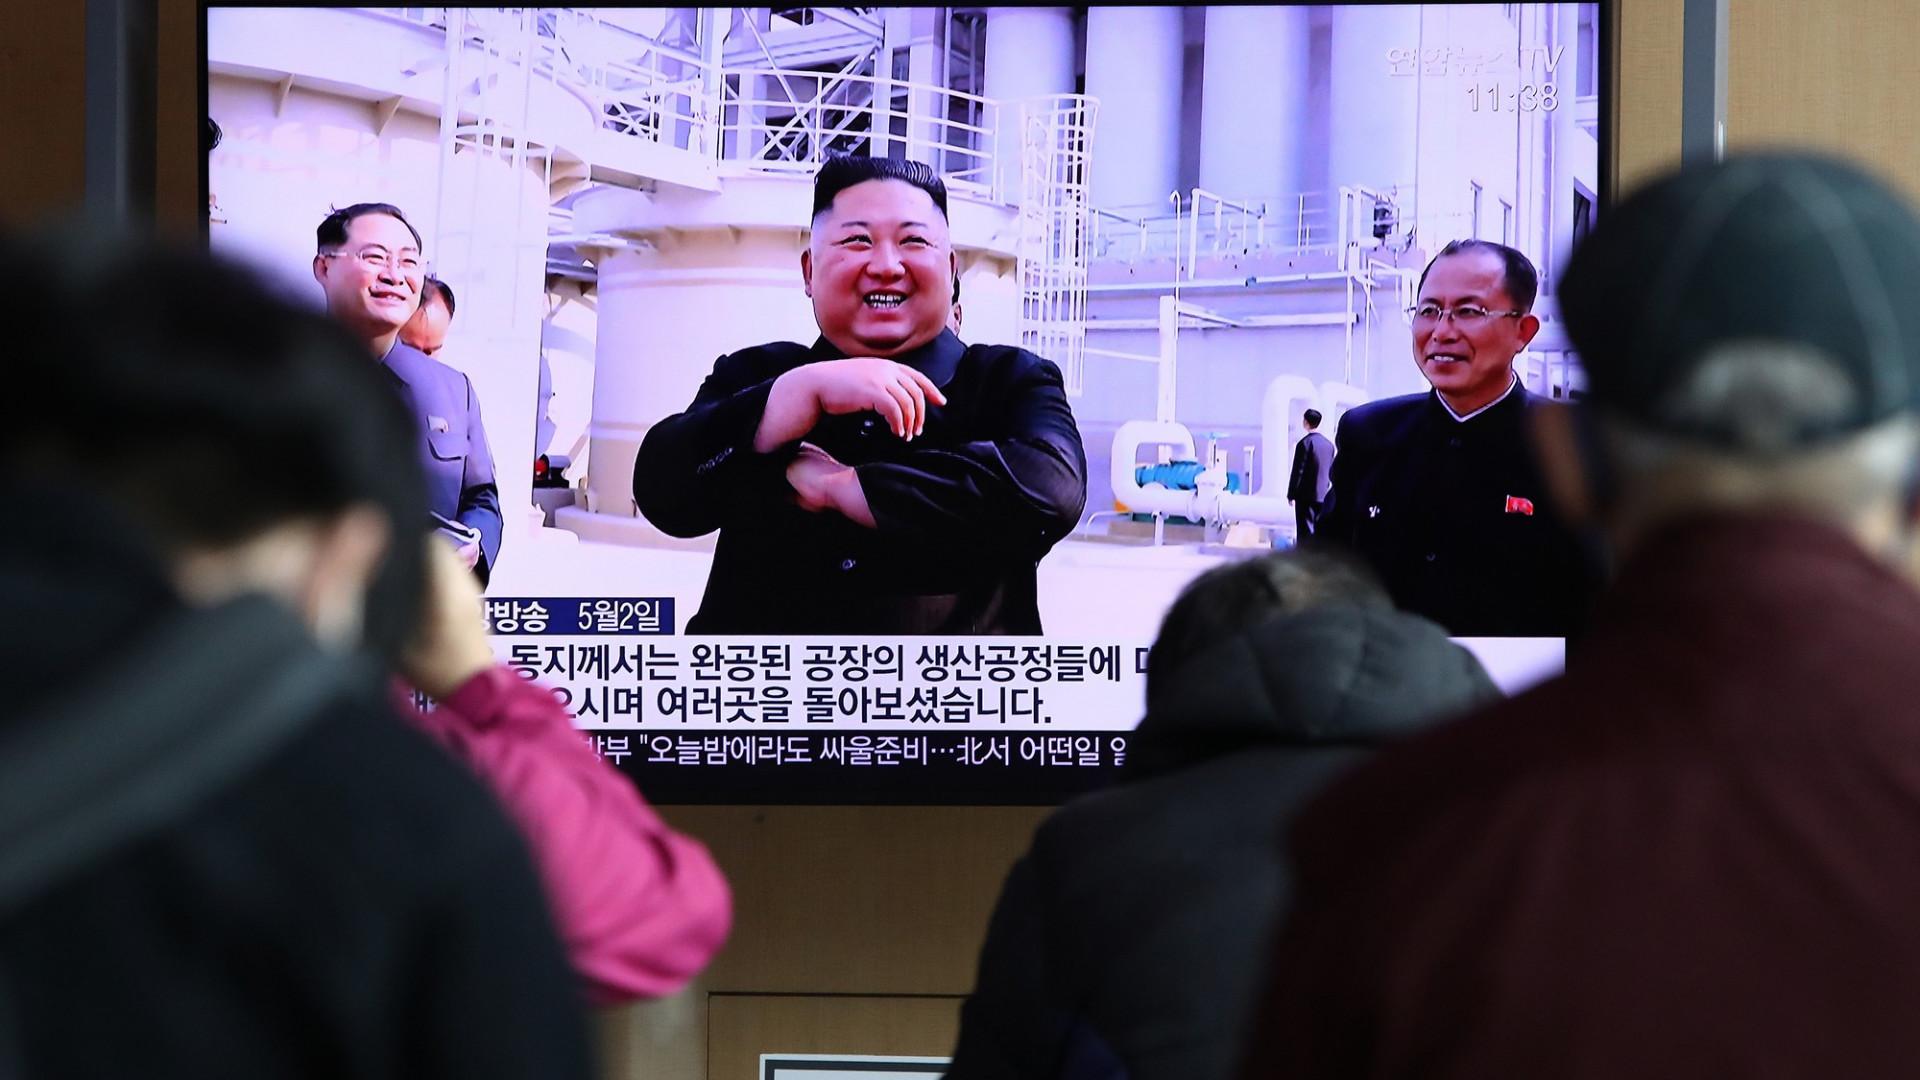 találkozik koreai férfi